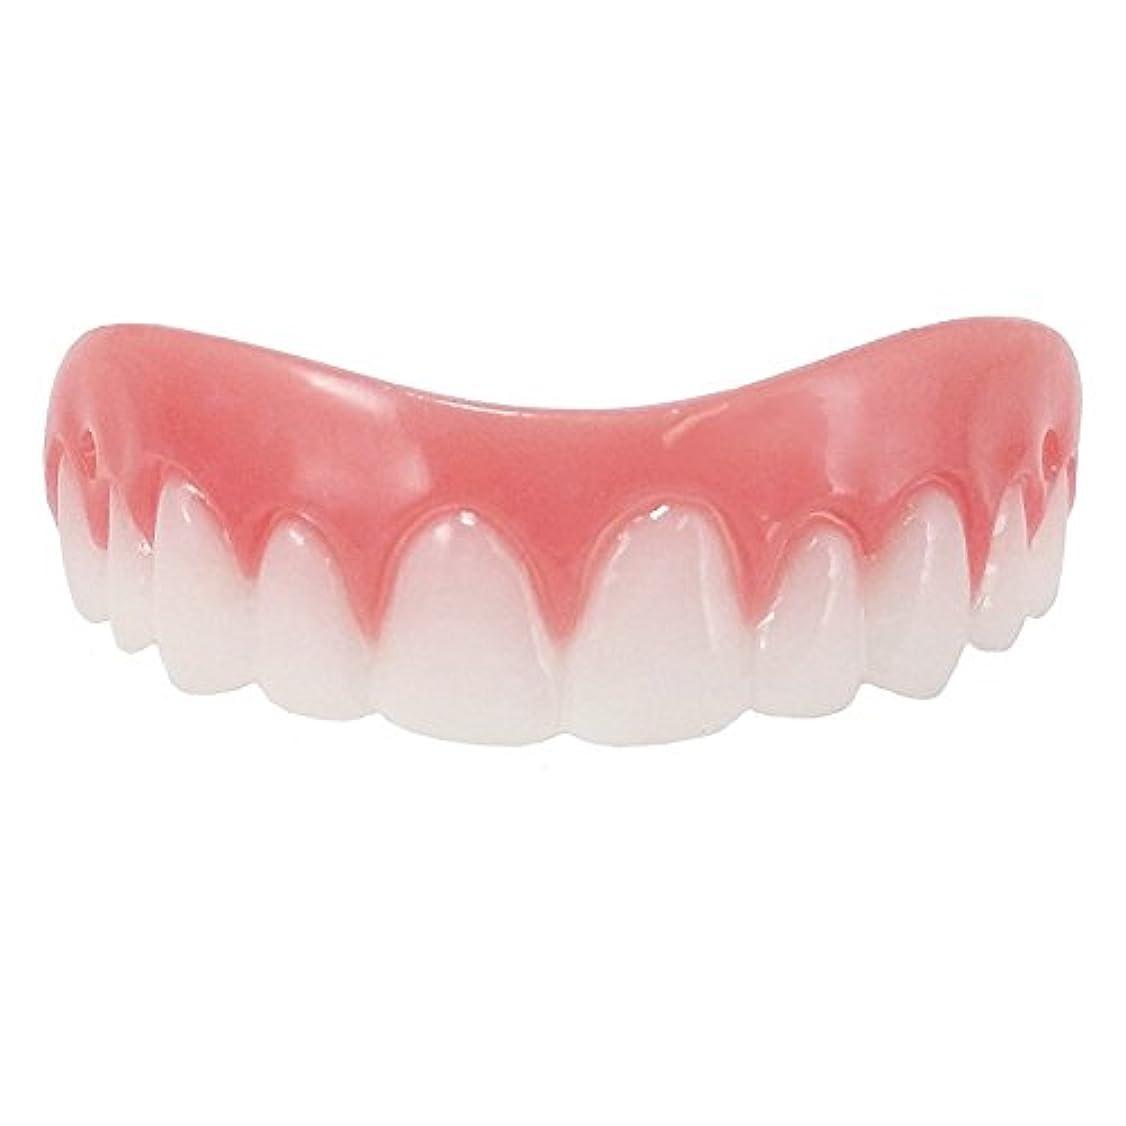 しっとり人生を作る受付シリコン義歯ペースト 美容用 入れ歯 上歯 下歯2個セット (free size)